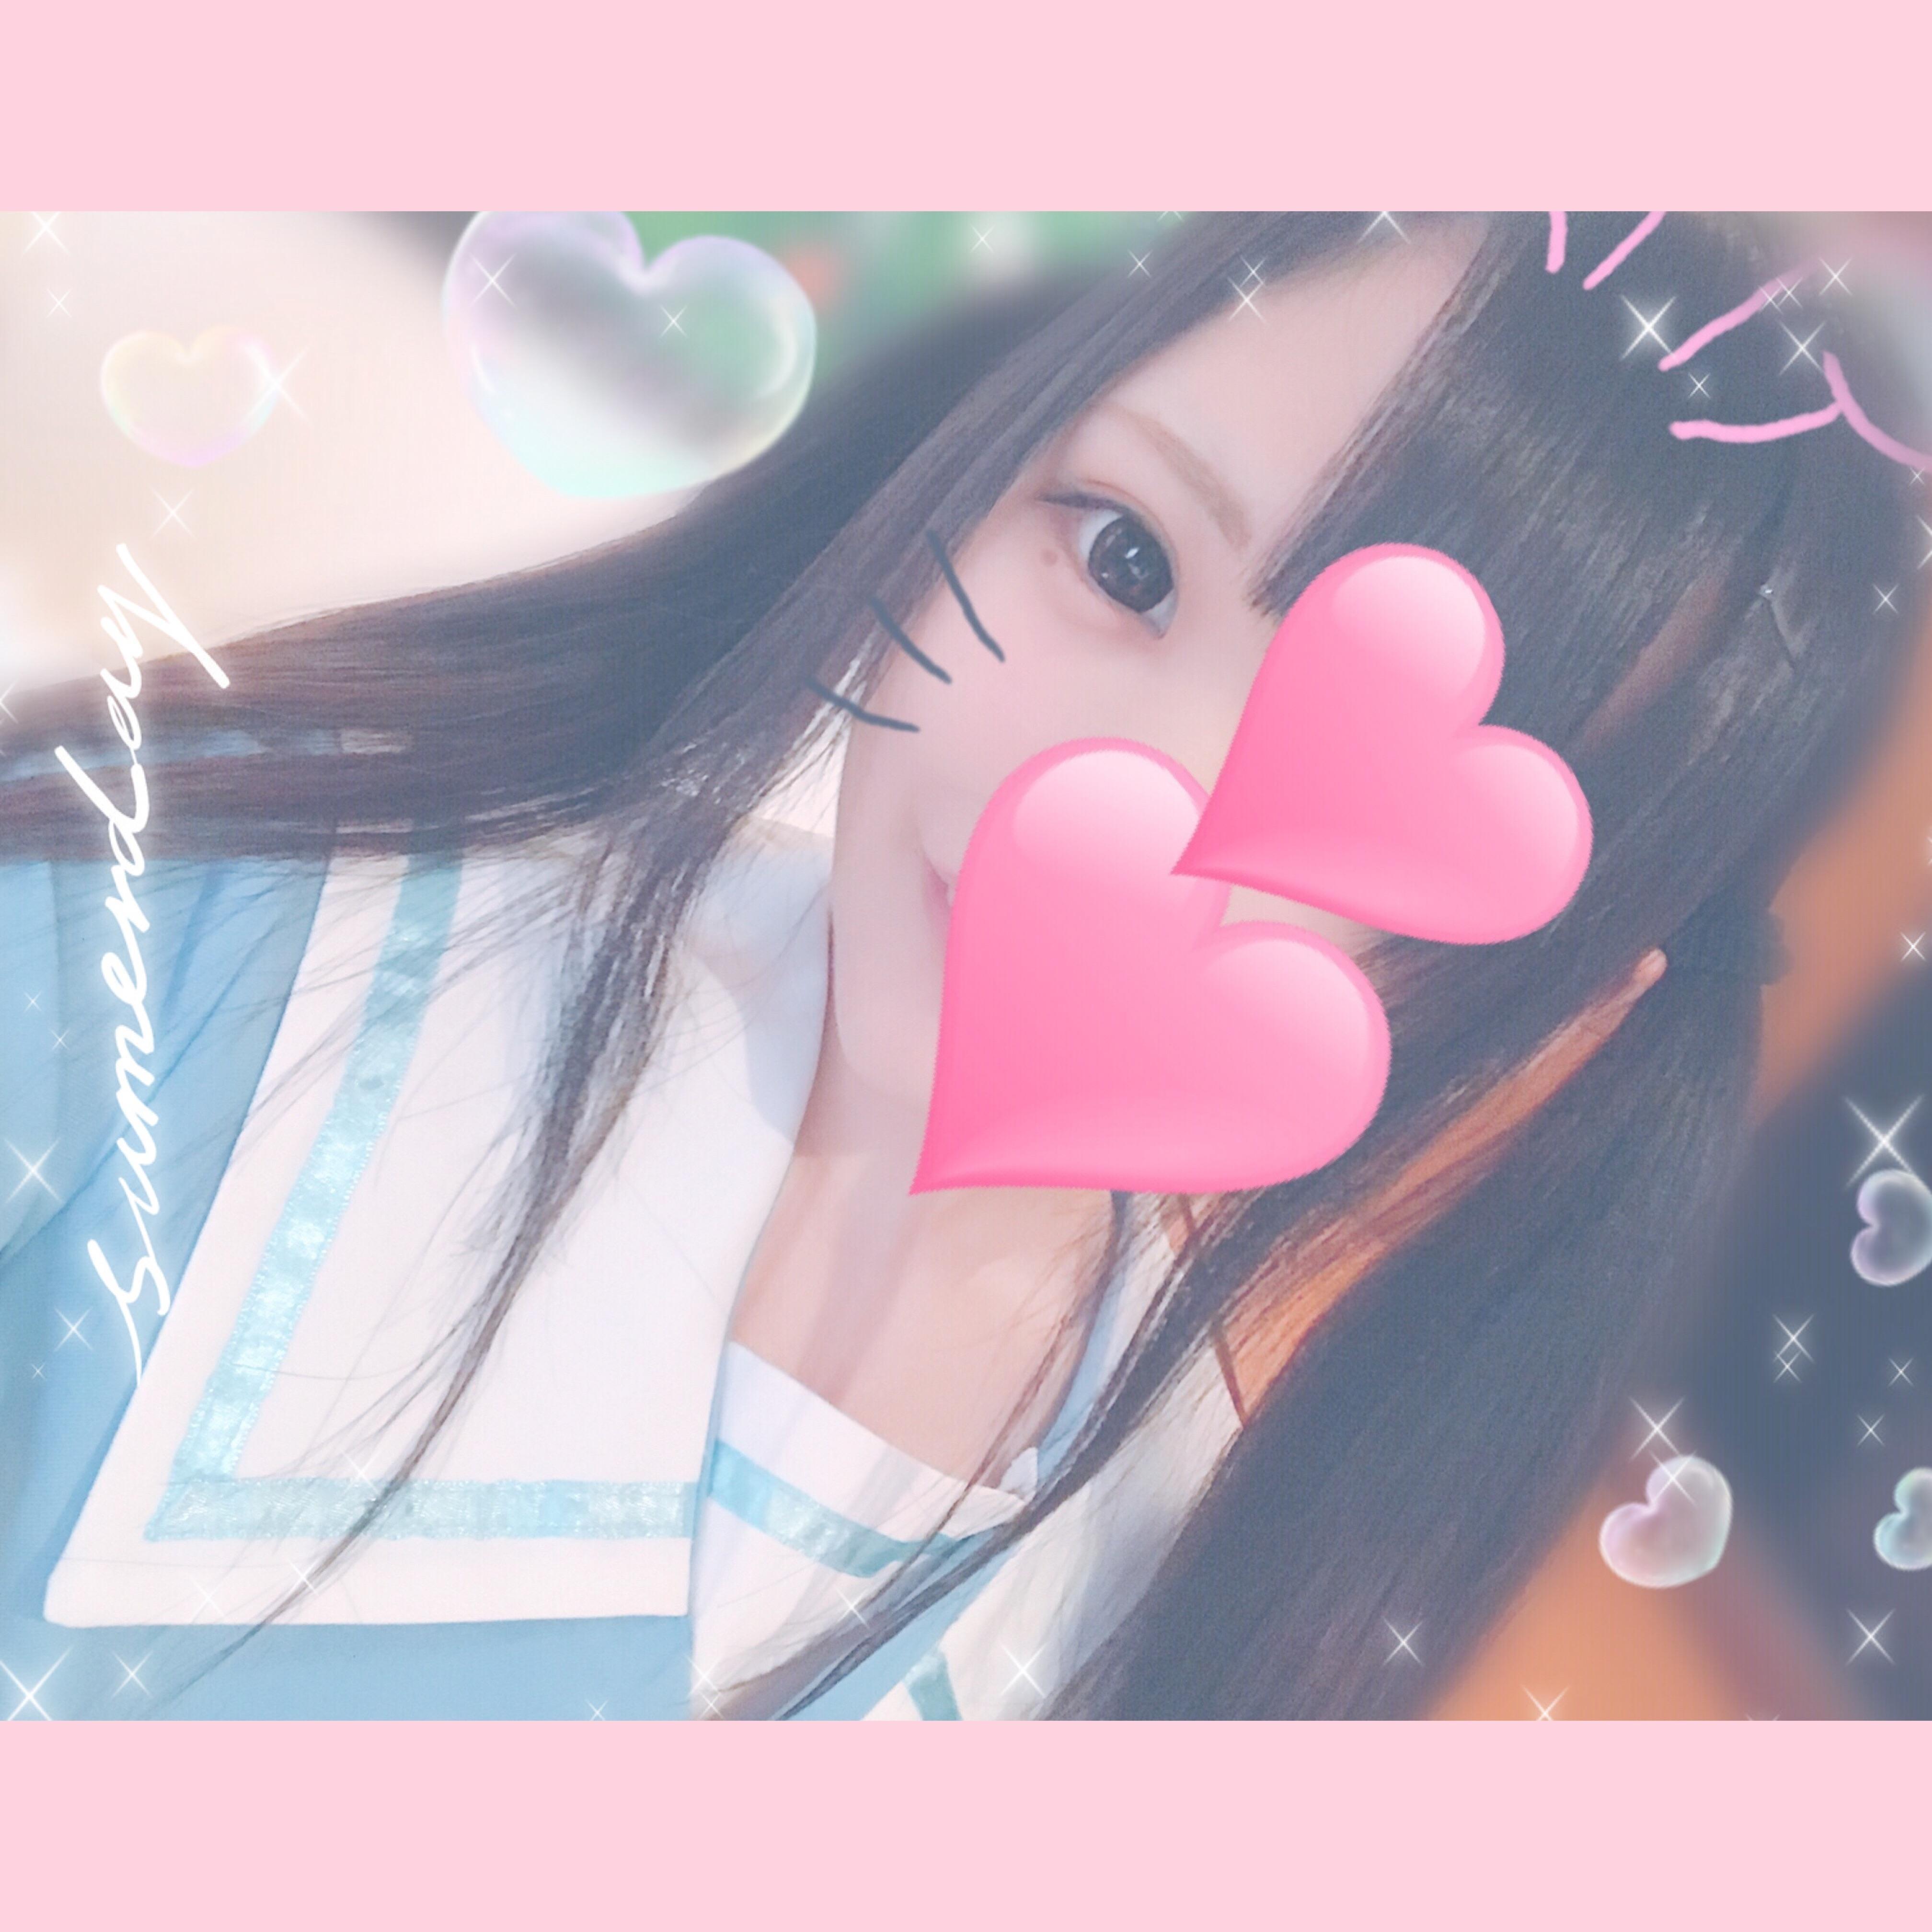 「お待ちしてます☆」09/20(09/20) 14:12 | ゆめなの写メ・風俗動画